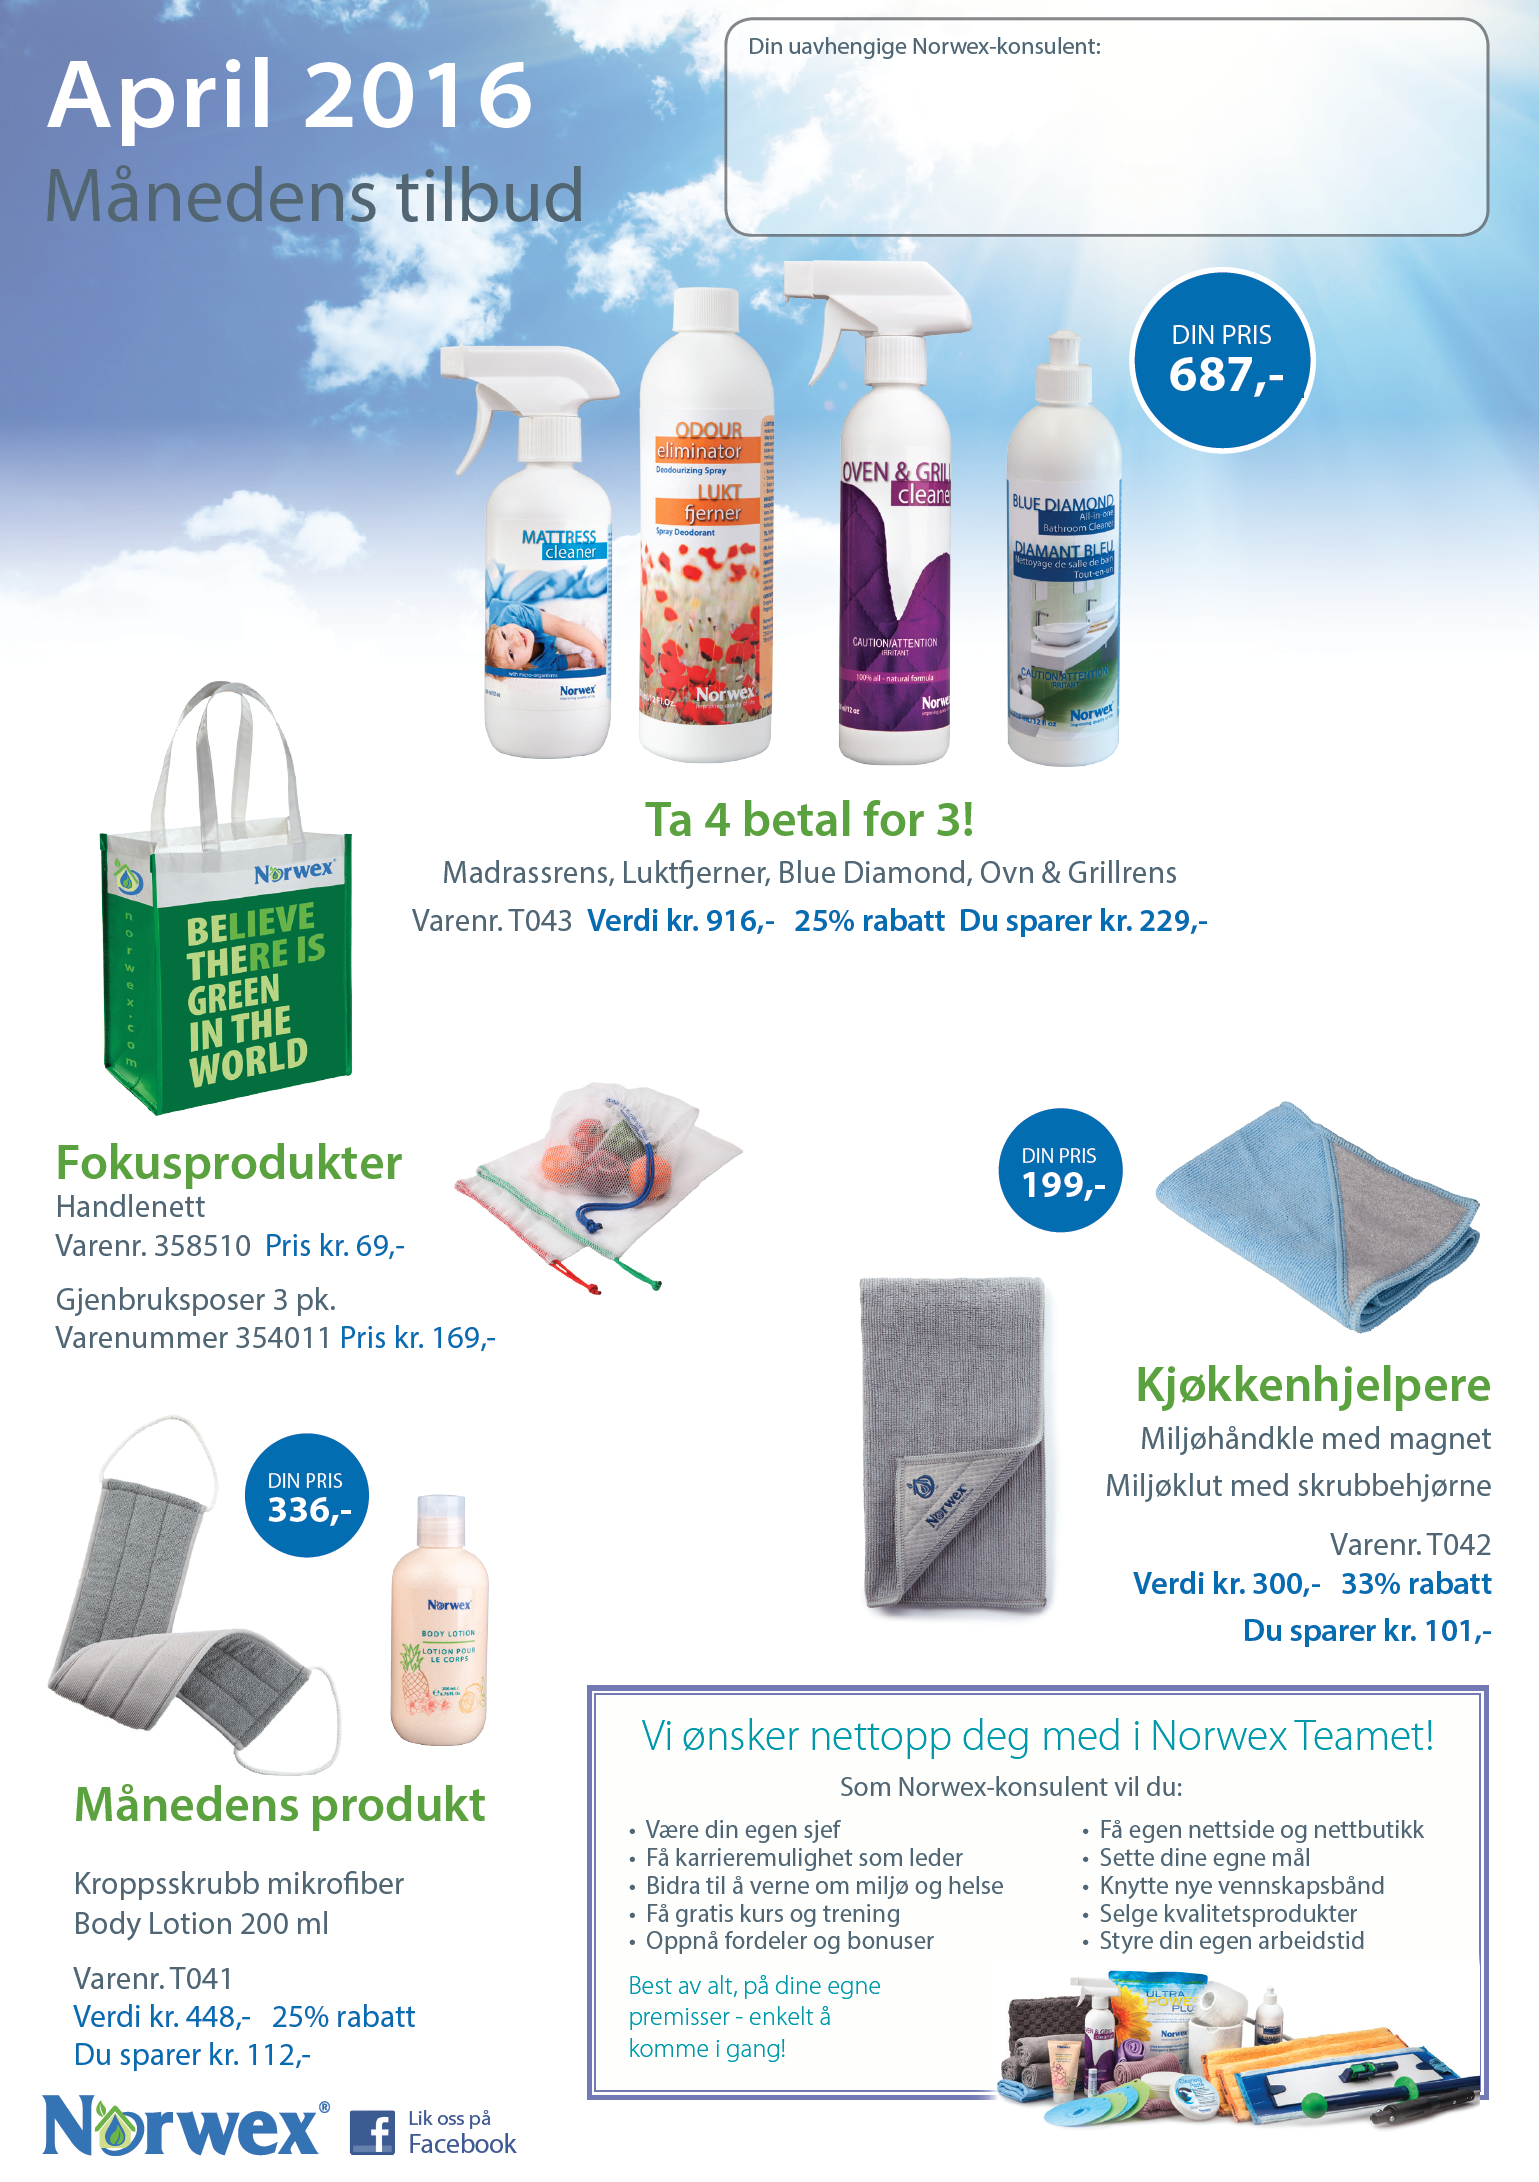 norwex-tilbud-april16